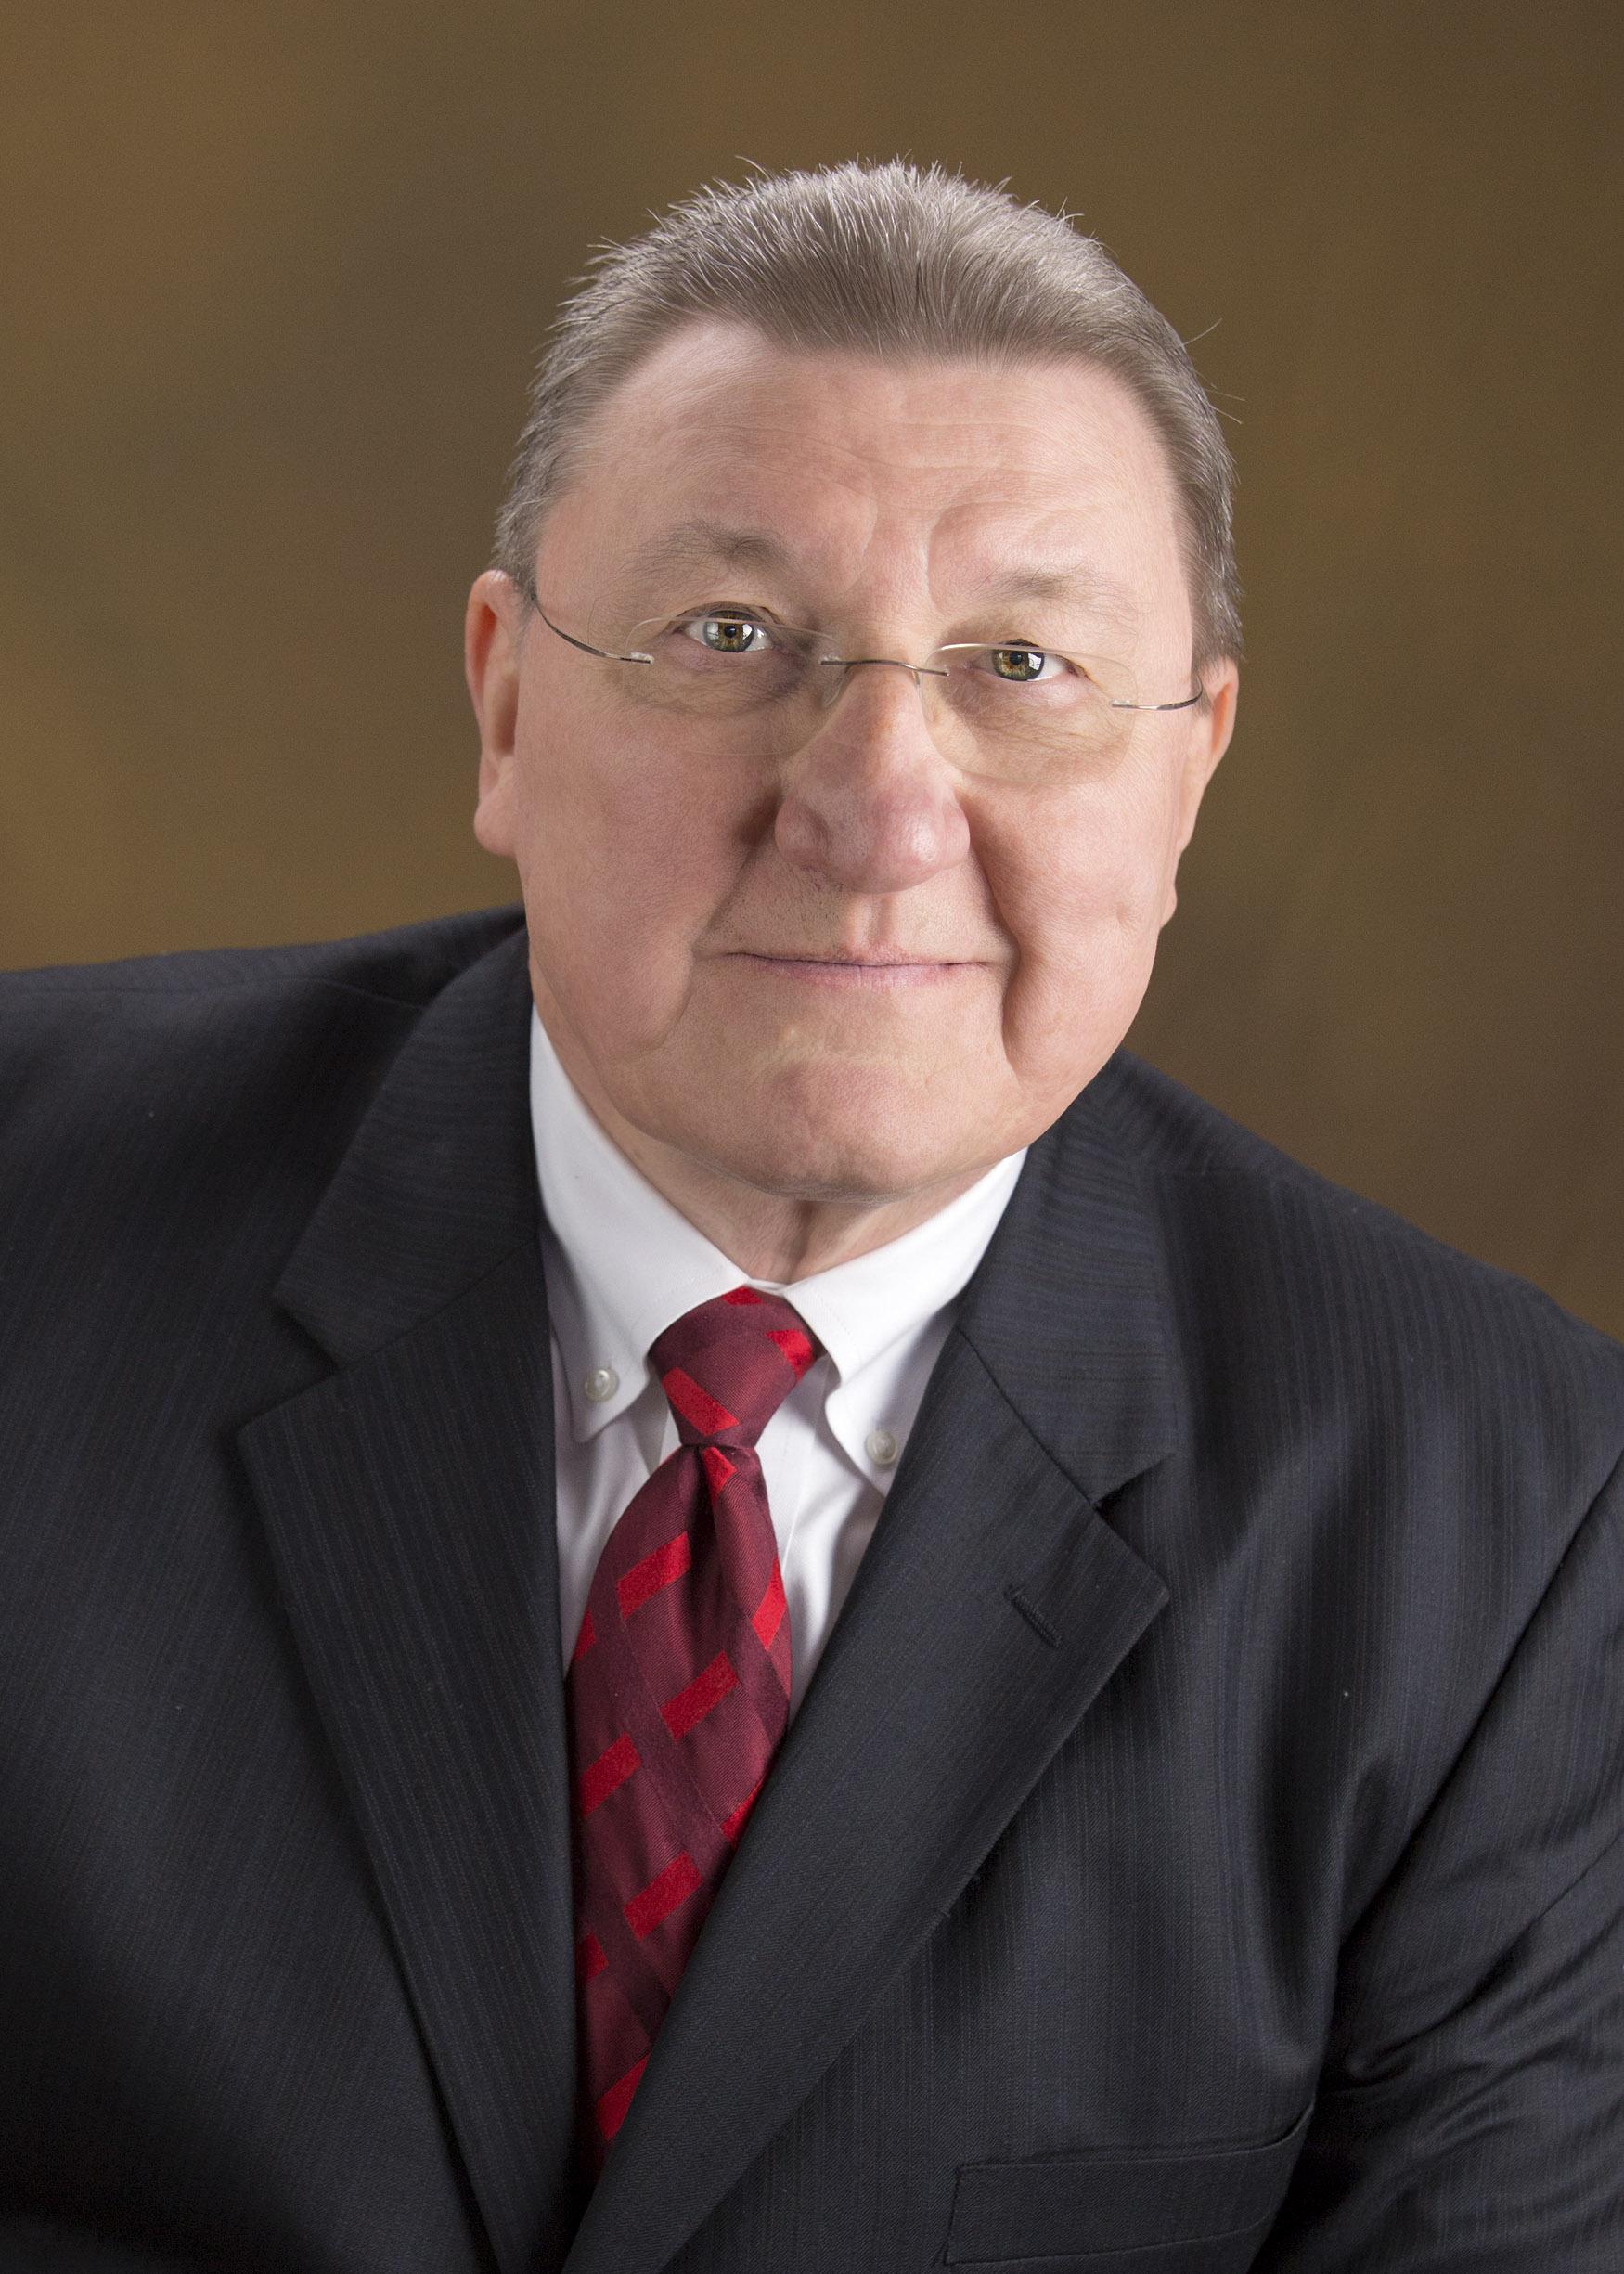 Ken Nixon